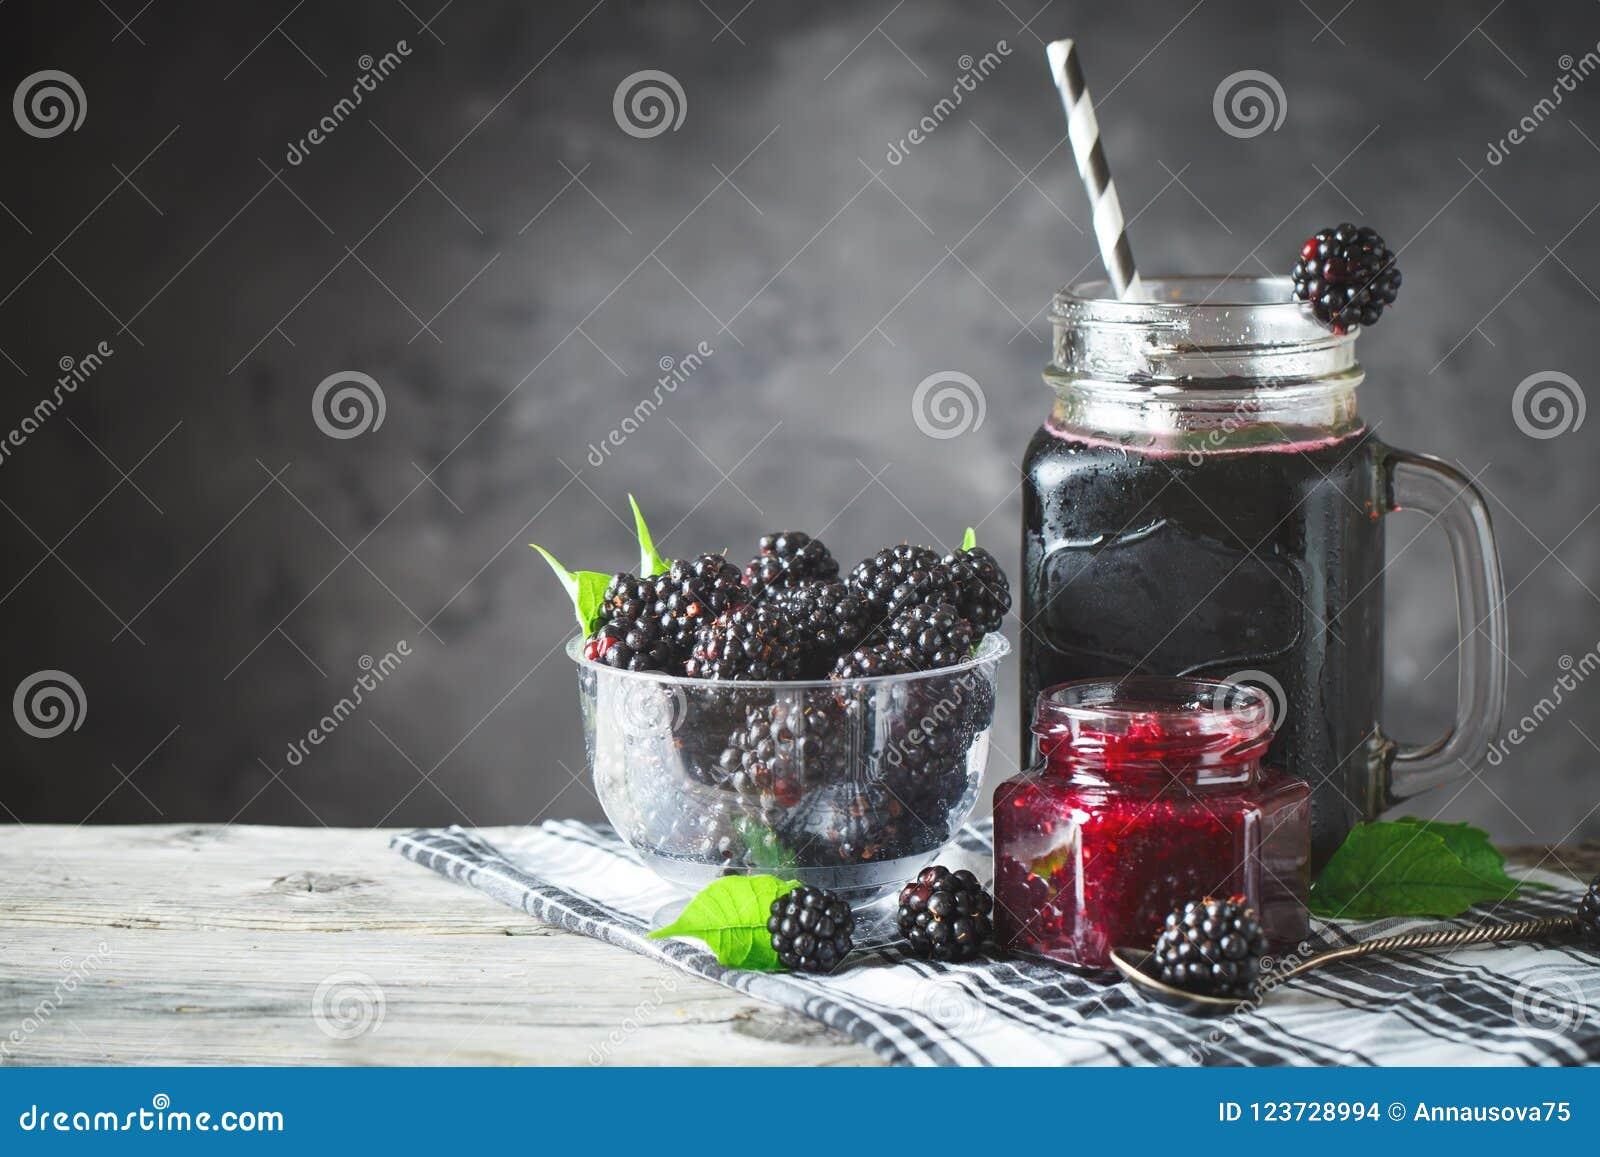 Ώριμο βατόμουρο, χυμός βατόμουρων και μαρμελάδα σε έναν ξύλινο πίνακα Σκοτεινή ανασκόπηση